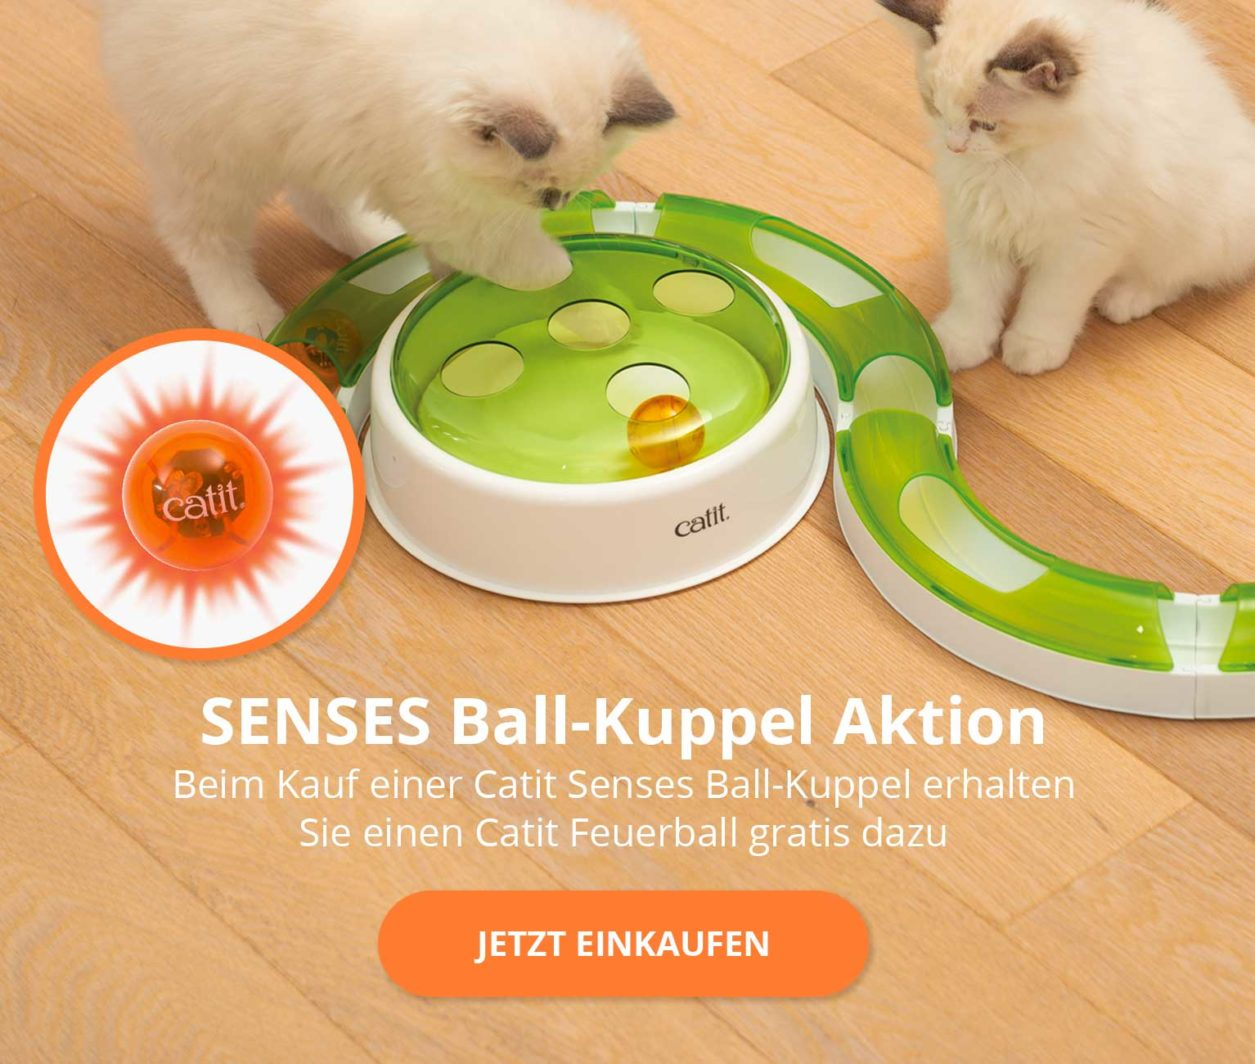 Senses Ball-Kuppel Aktion. Beim Kauf einer Catit Senses Ball-Kuppel erhalten Sie einen Catit Feuerball gratis dazu. Jetzt Einkaufen